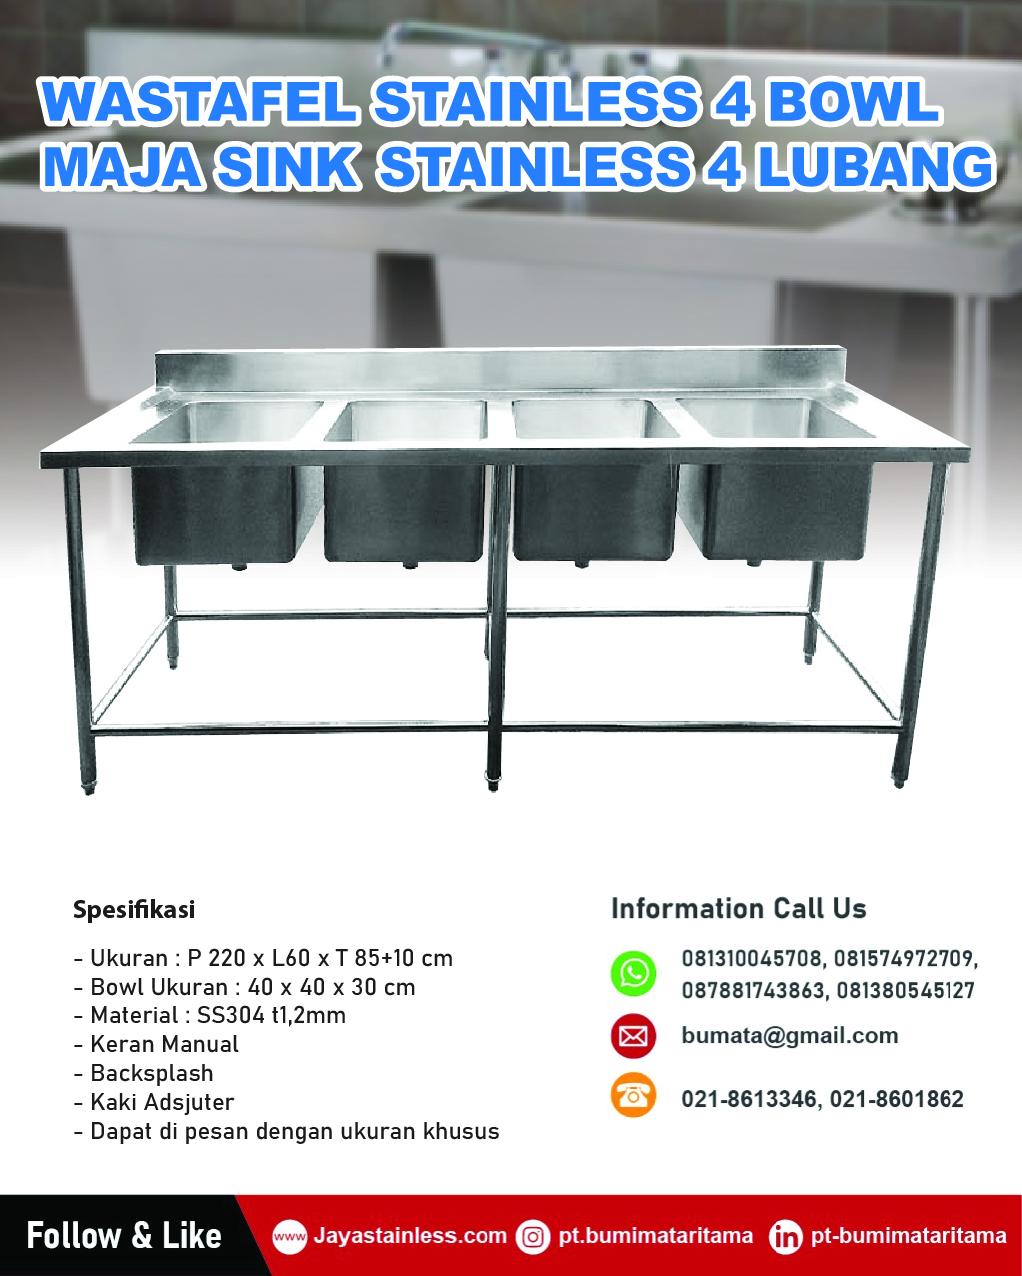 Meja sink stainless 4 mangkuk cuci - Maja bowl sink 4 lubang stainless